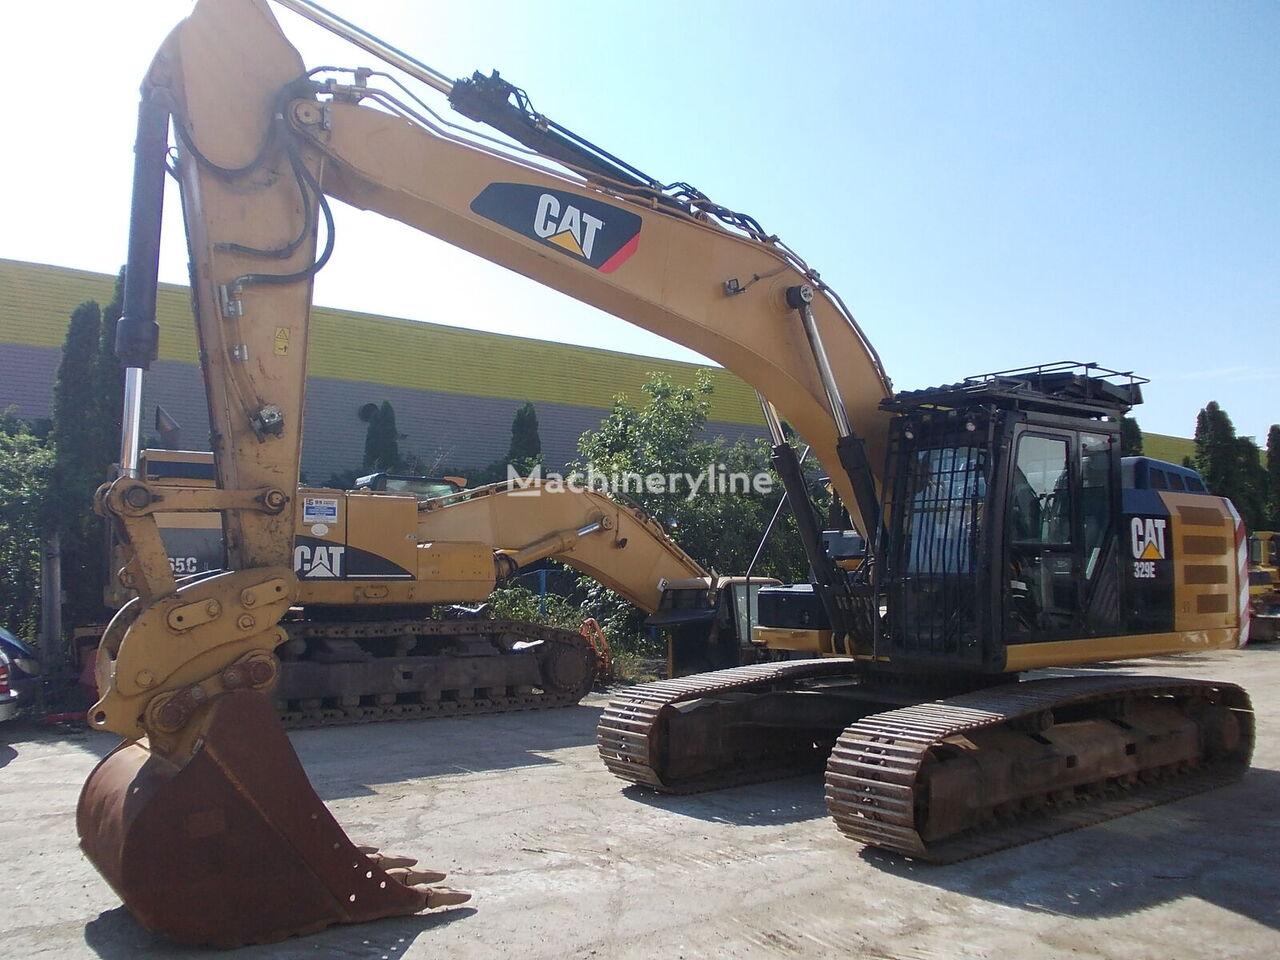 CATERPILLAR 329EL excavadora de orugas